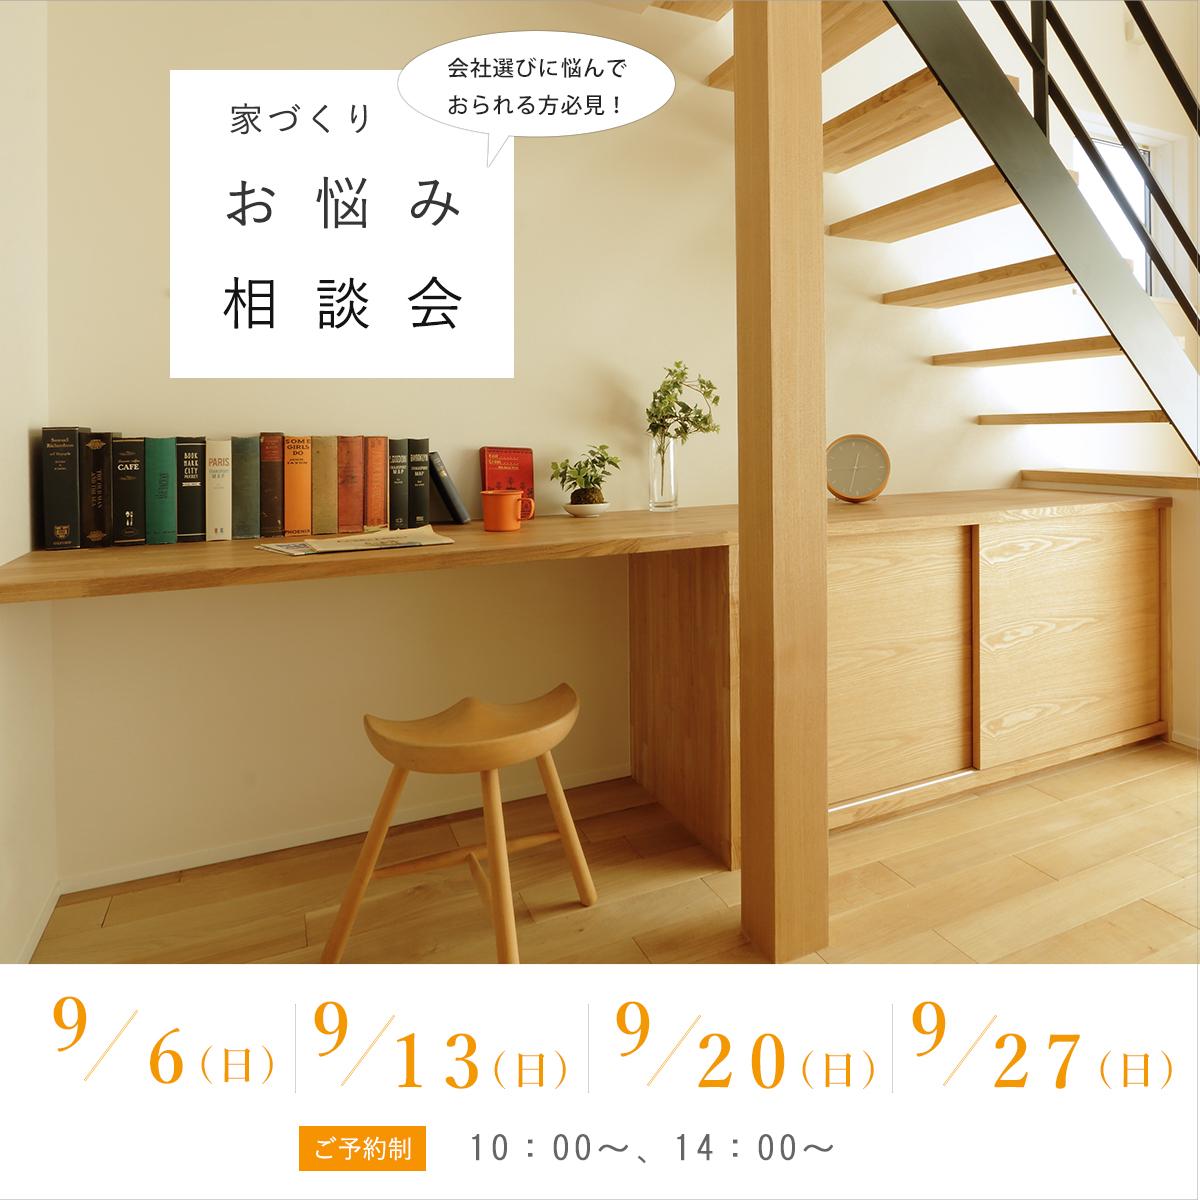 【滋賀/大津市】9月開催!お家づくりお悩み相談会